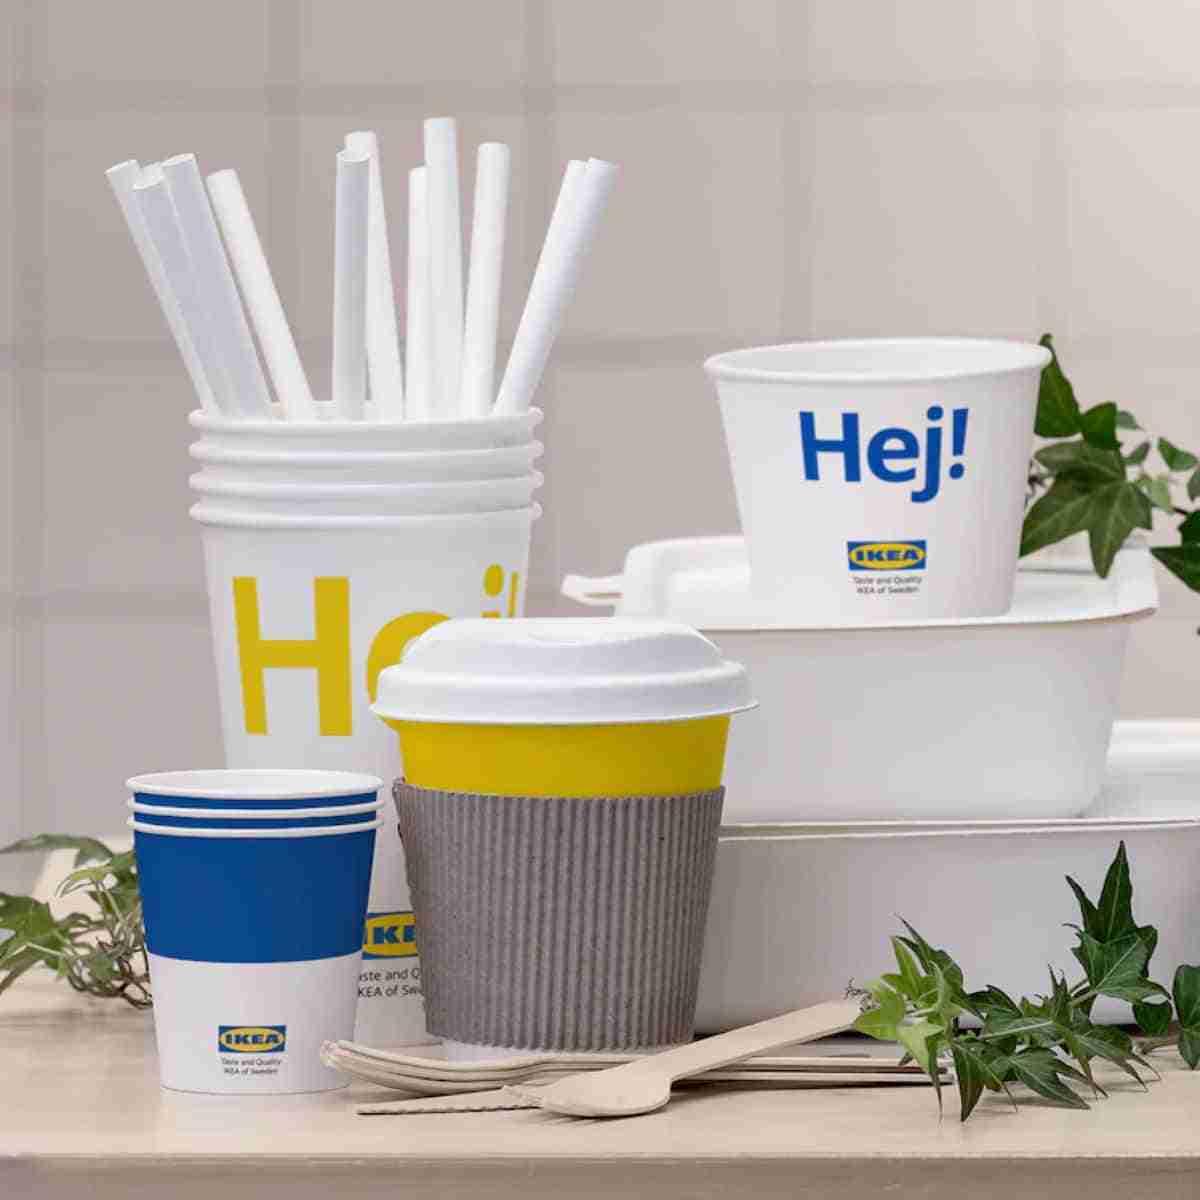 productos desechables sostenibles de ikea